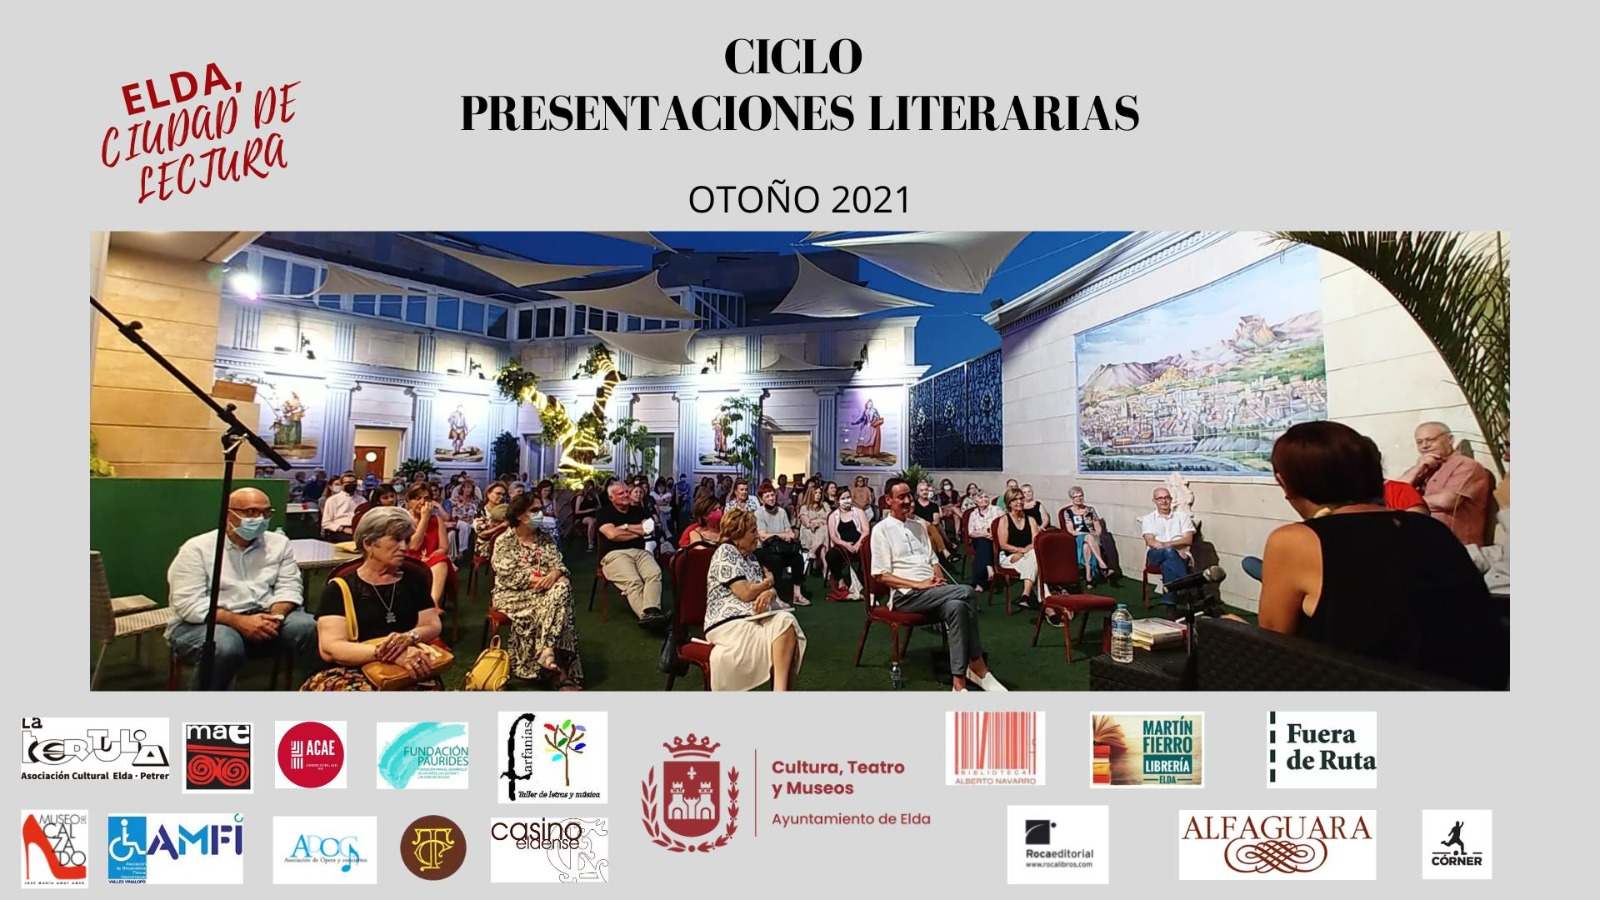 El Ciclo de Presentaciones Literarias Otoño 2021 dará comienzo el próximo miércoles en el Museo del Calzado de Elda